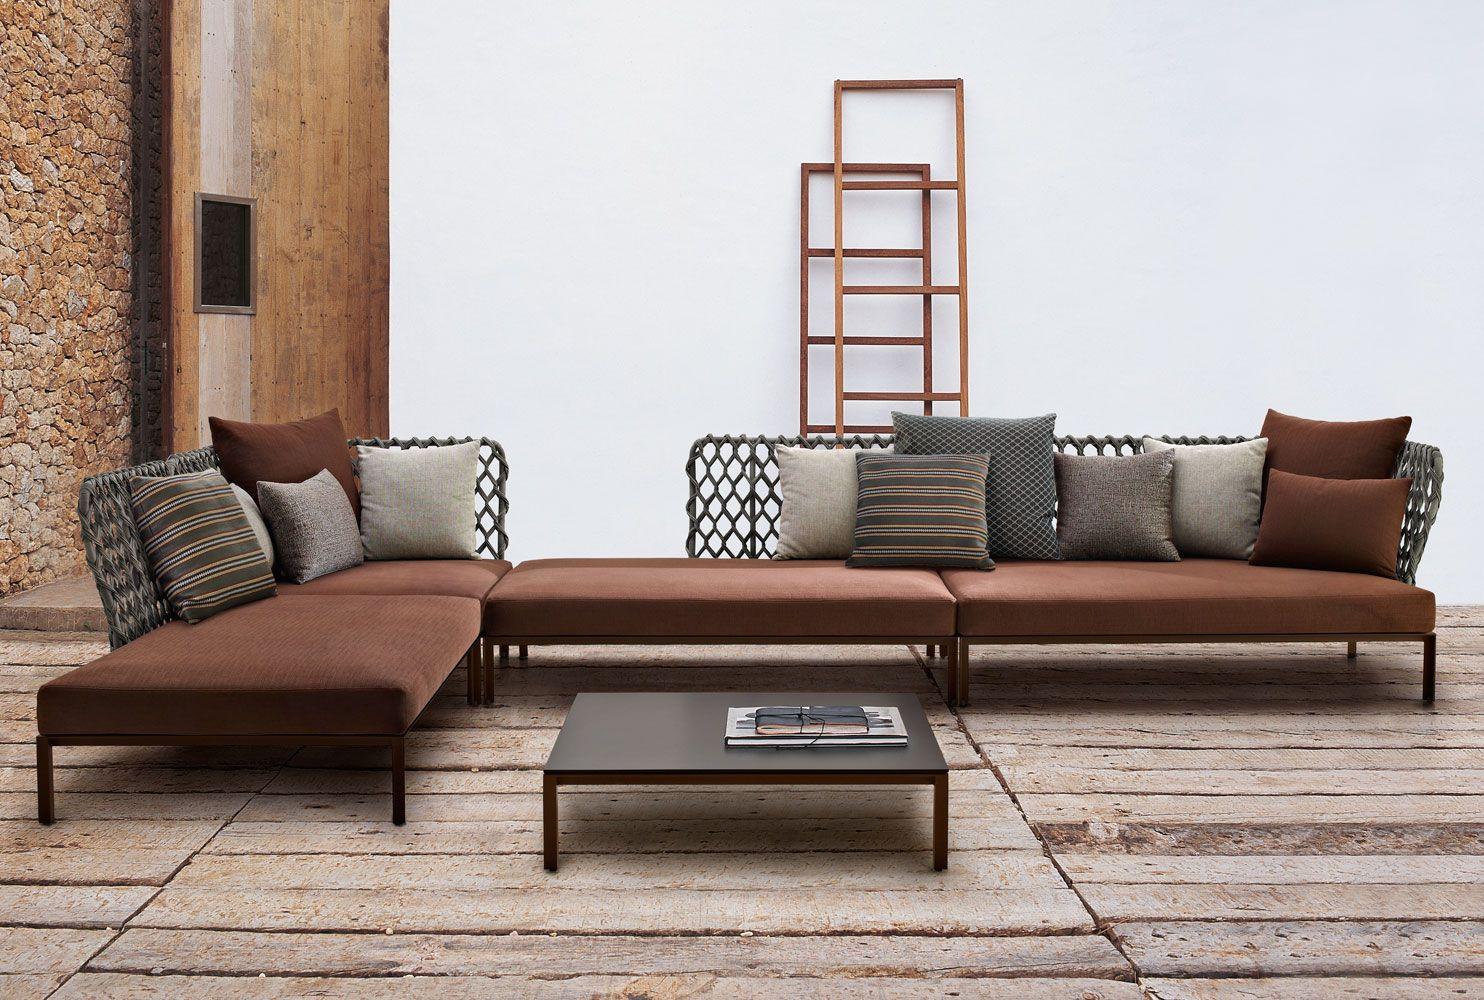 Sofa: RAVEL U2013 Collection: Bu0026B Italia Outdoor U2013 Design: Patricia Urquiola